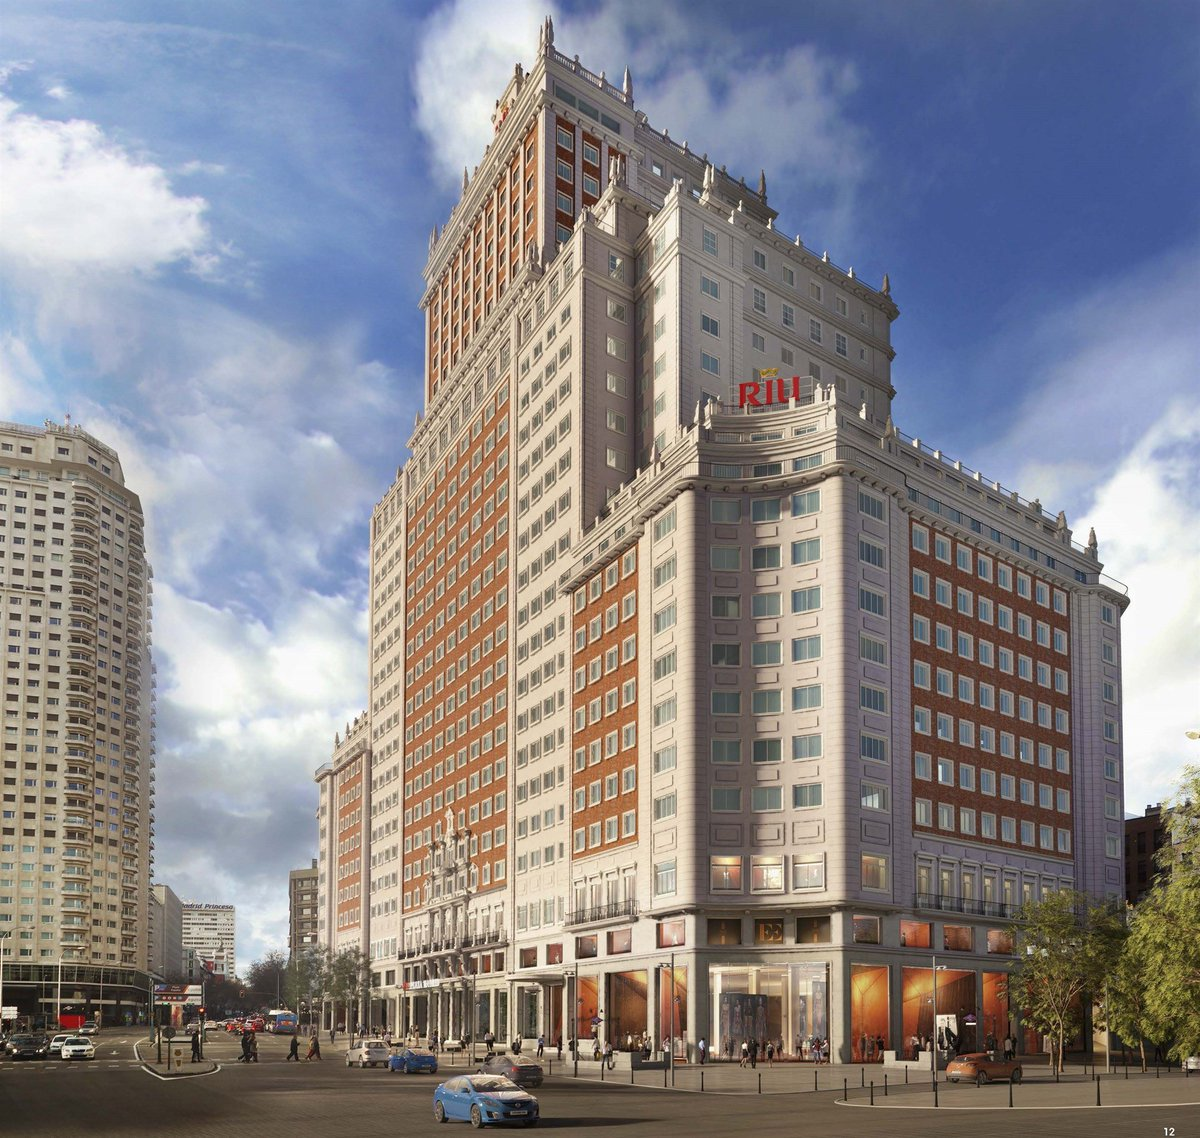 """Grupo RIU: """"En Edificio España estamos remodelando para reforzar estructura y conservar fachada en perfecto estado"""""""